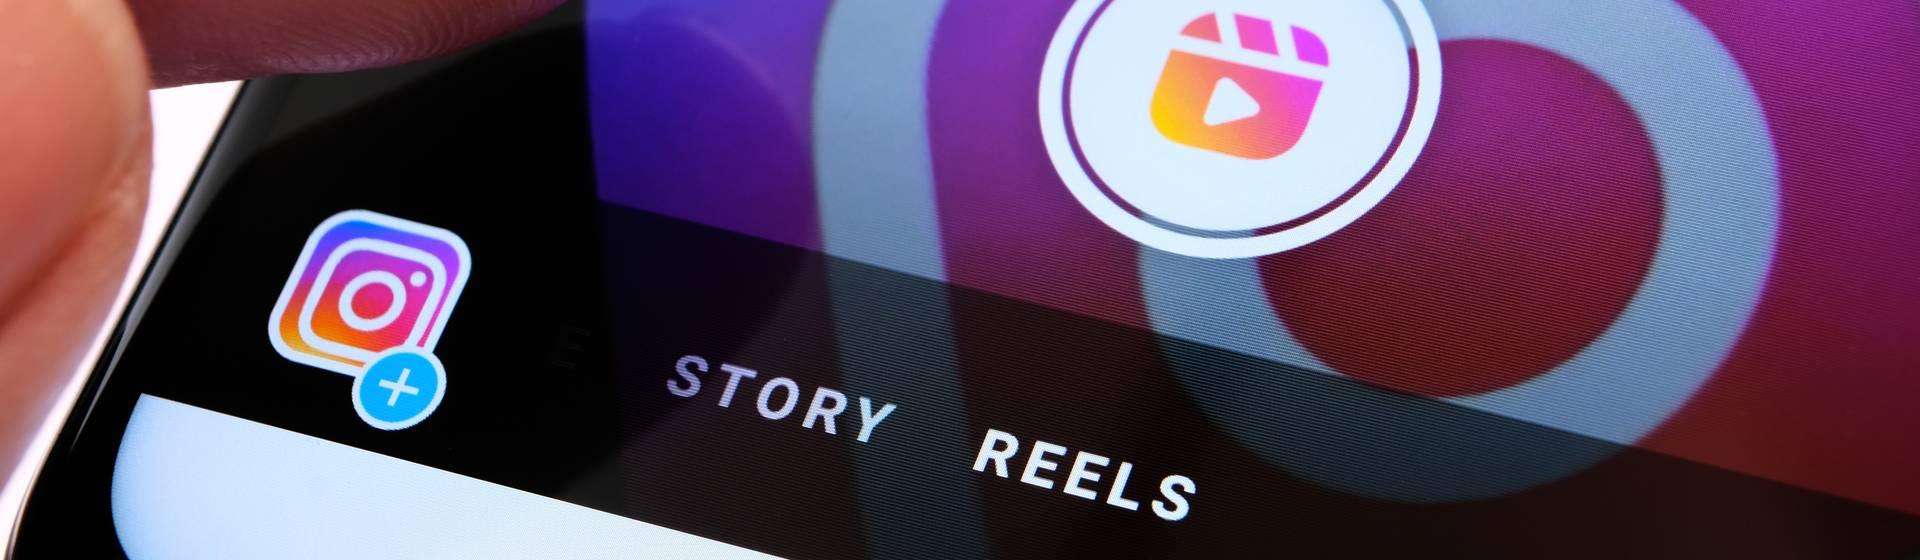 Como fazer Reels no Instagram?